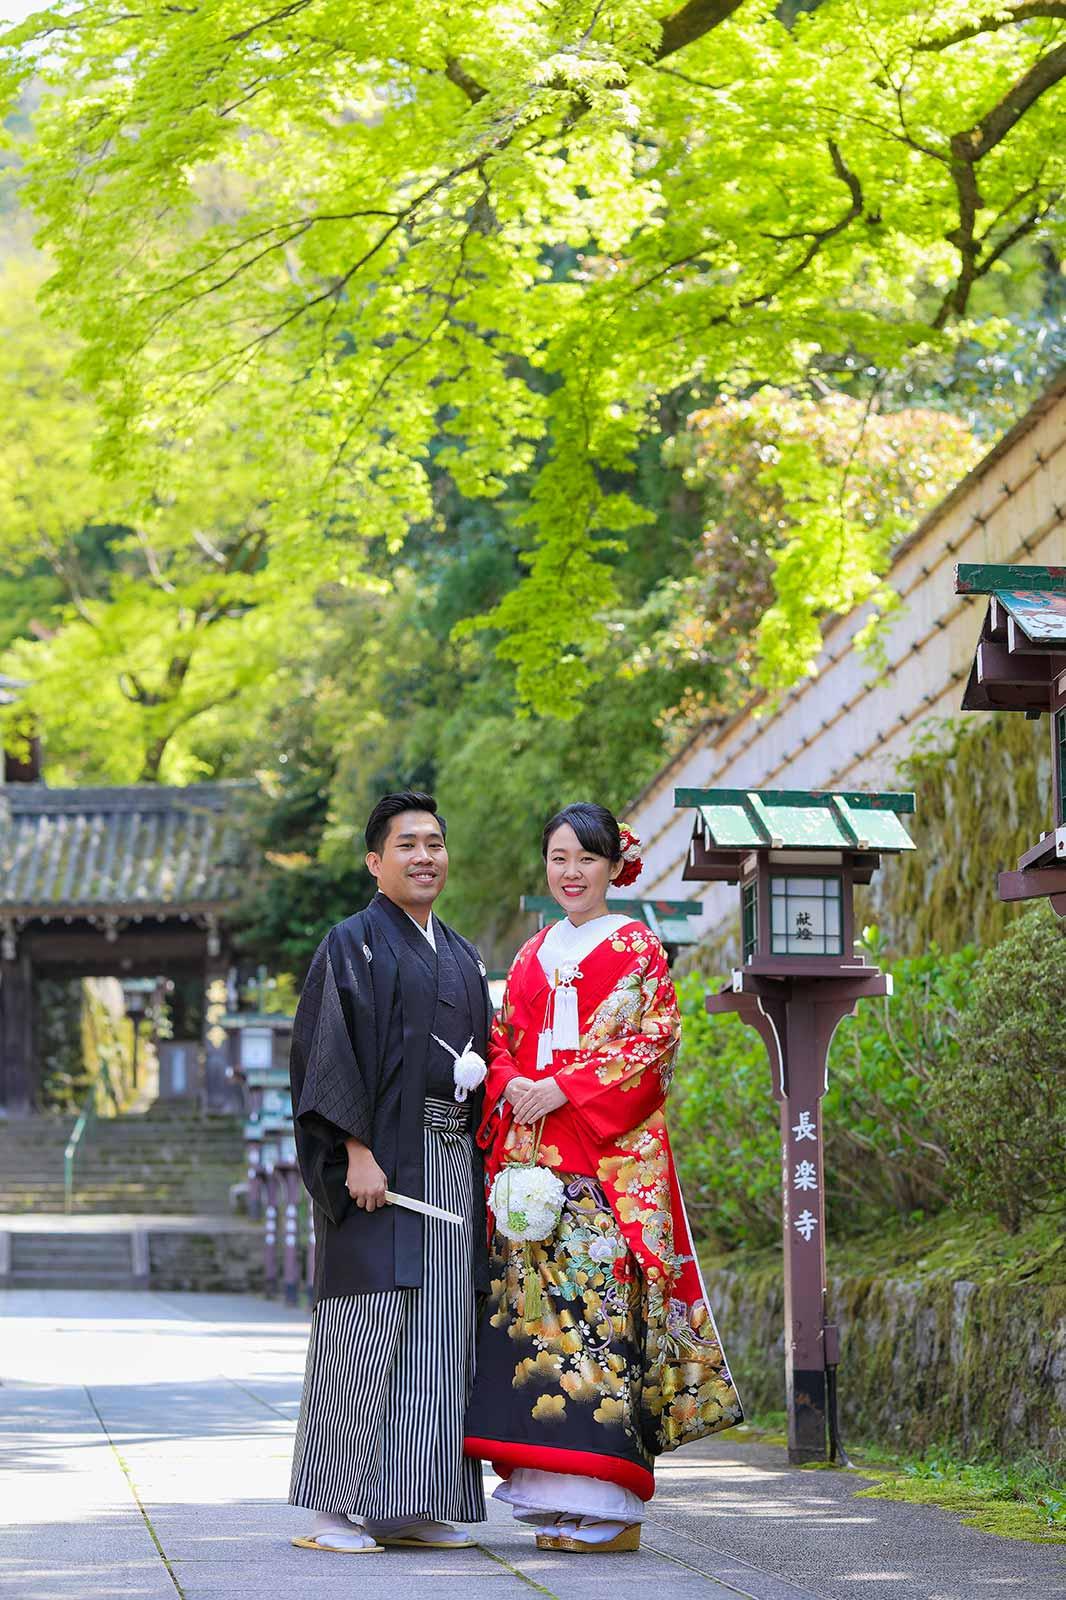 長楽寺参道でのロケーション撮影お写真